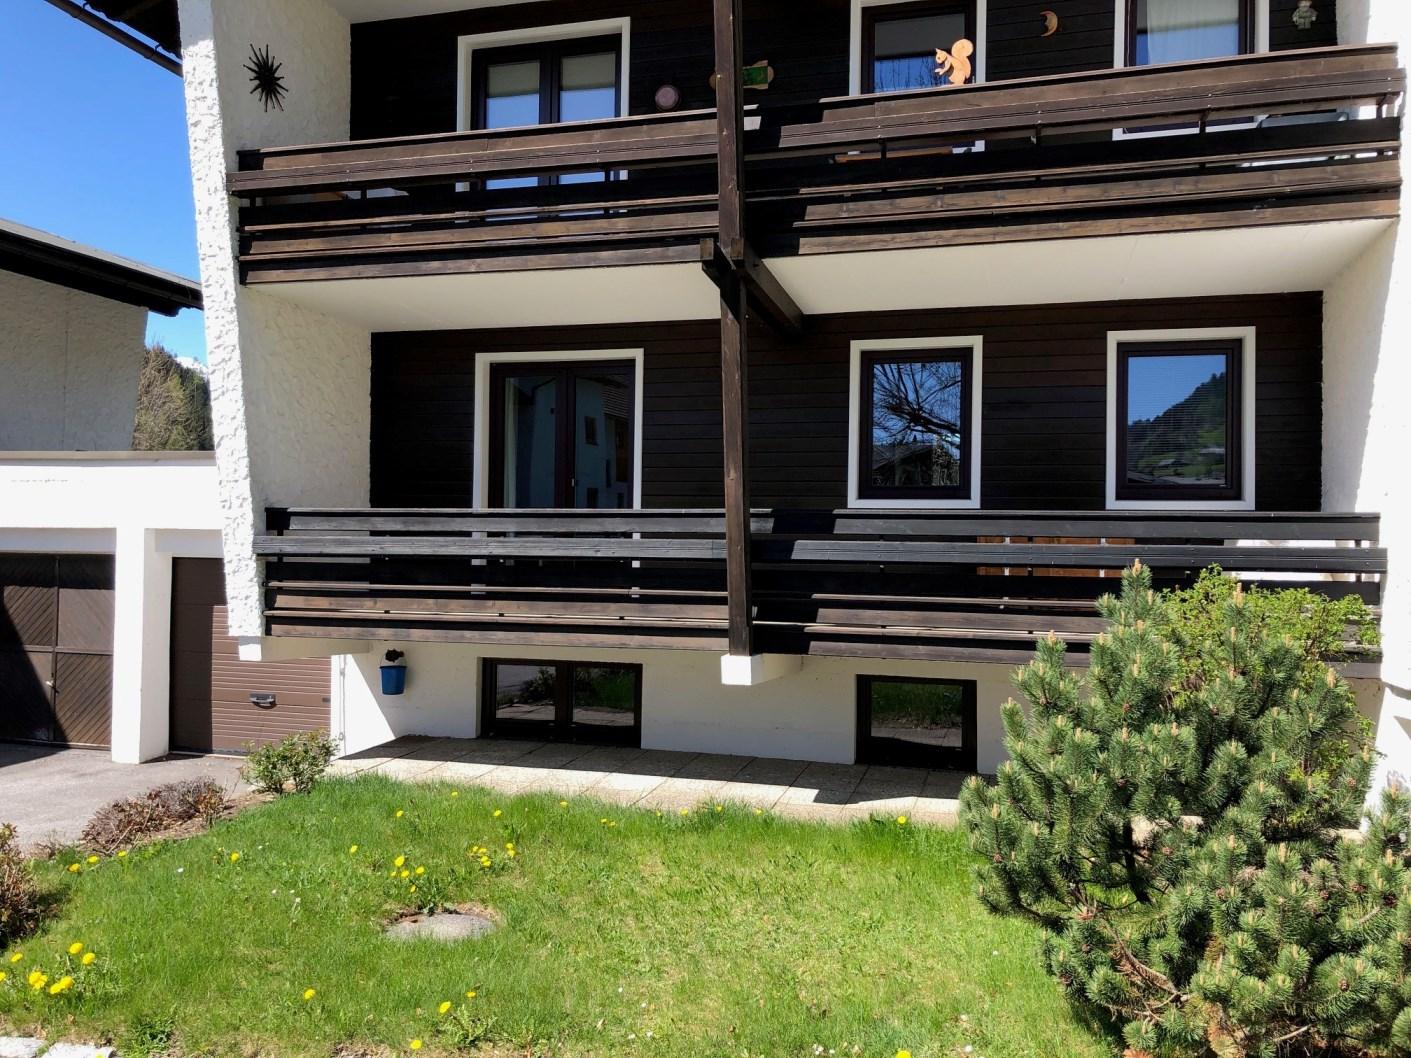 Bad Kleinkirchheim, Kaernten, Wohnung (QUELLENWEG) 50m2, 2 Balkone, Garage, modern eingerichtet